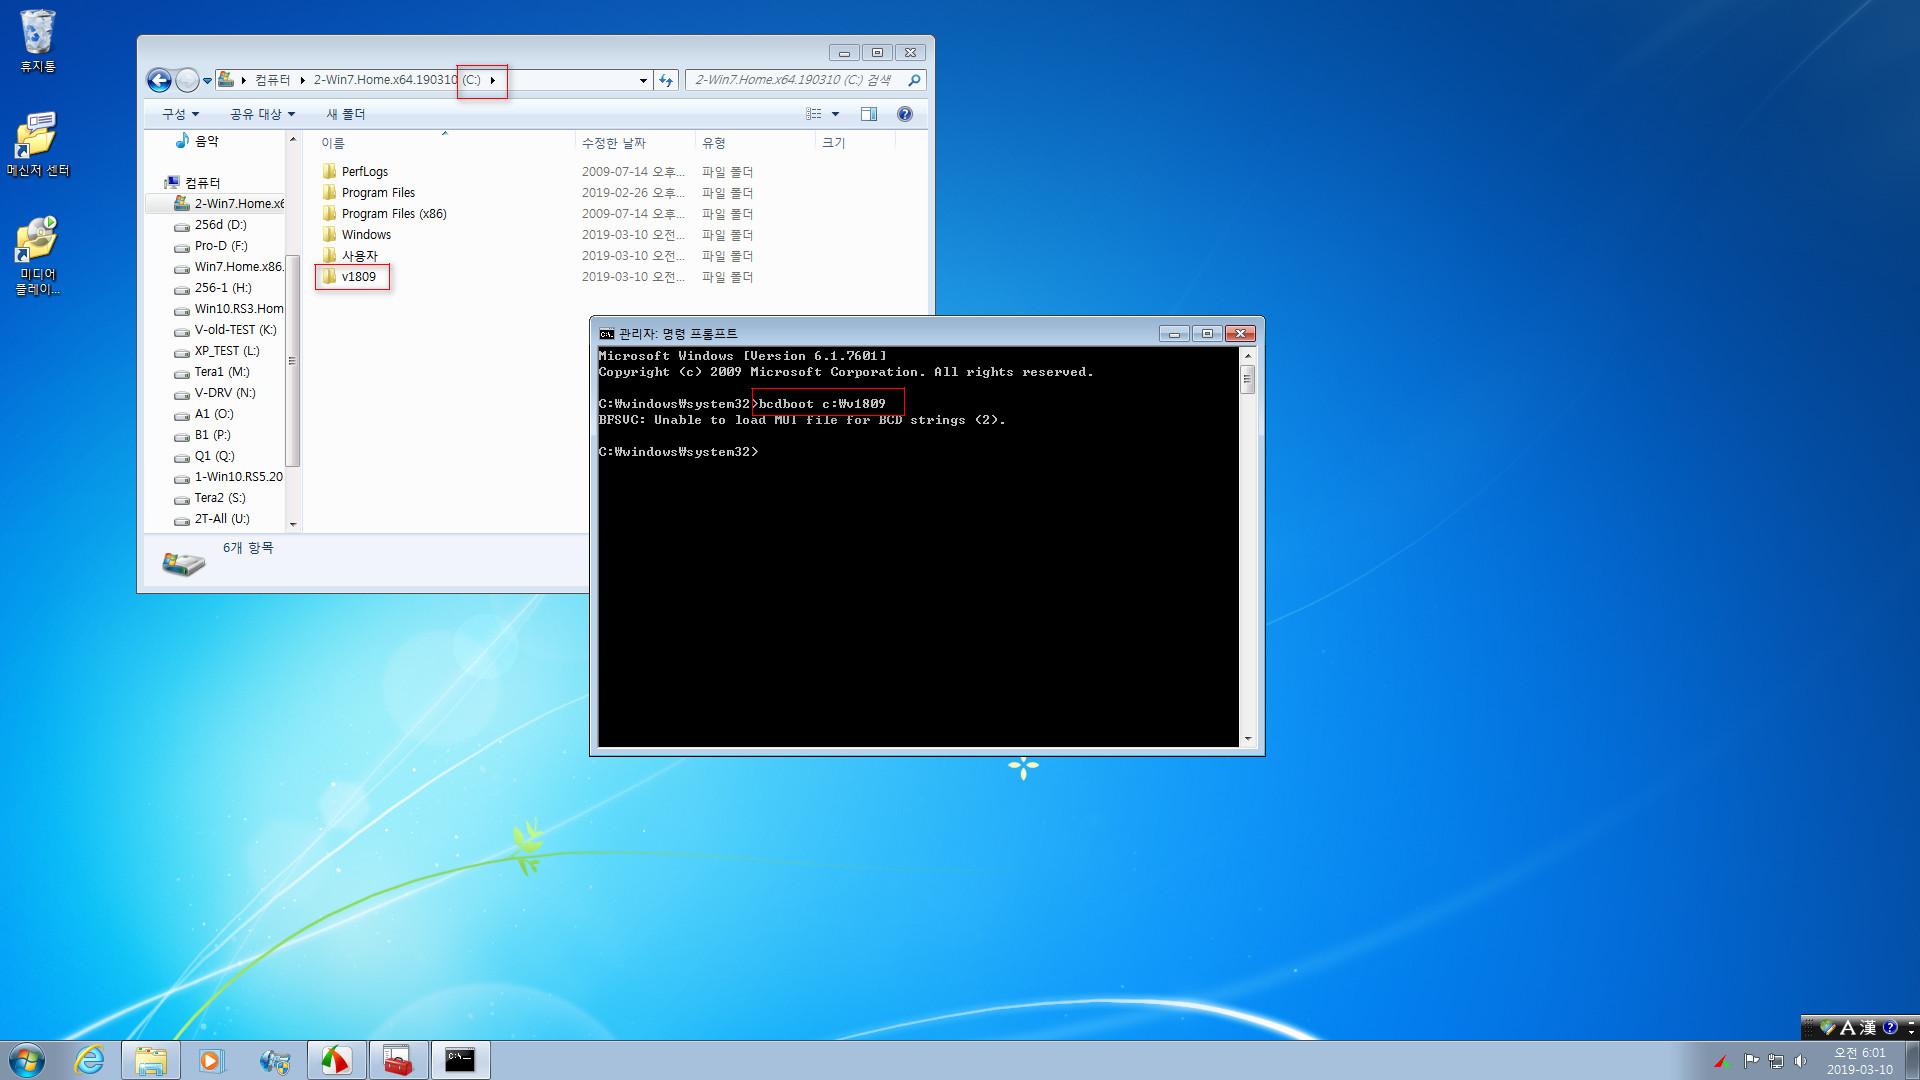 윈도의 bootmgr 낮은 버전으로 상위 윈도와 상위 PE 부팅 가능한지 테스트 - UEFI 모드 2019-03-10_060128.jpg